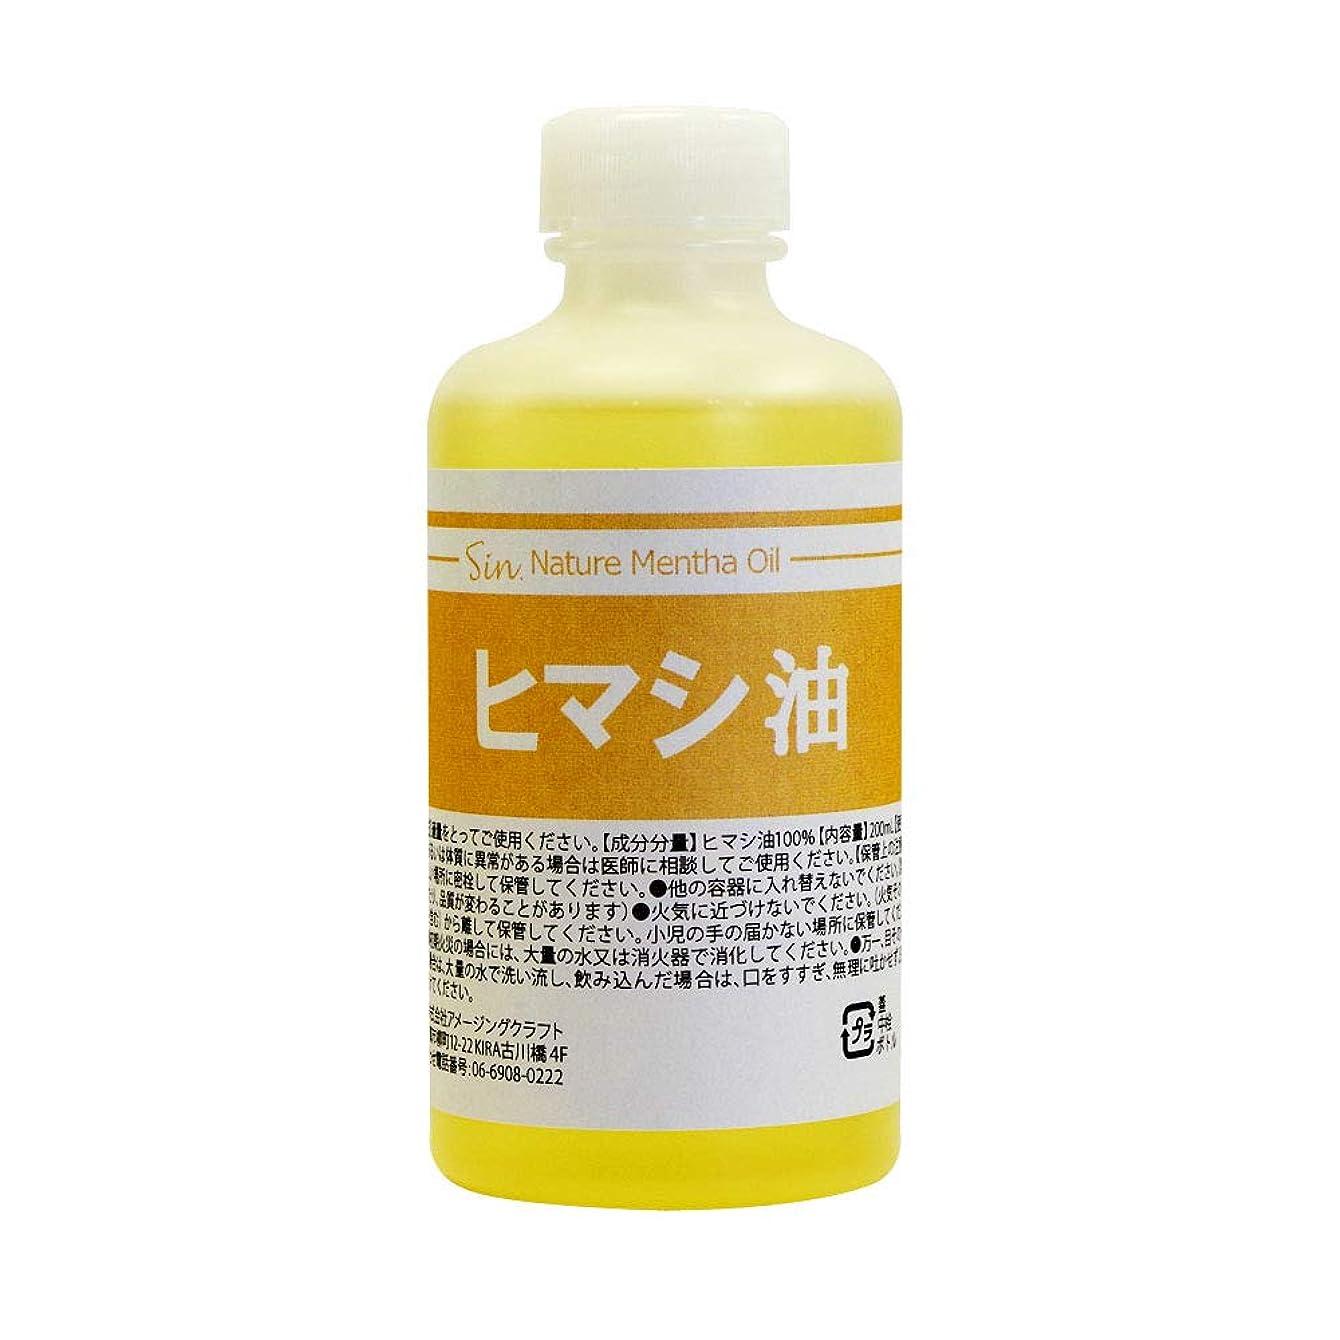 忍耐通知テーブルを設定する天然無添加 国内精製ひまし油 (キャスターオイル) 200ml